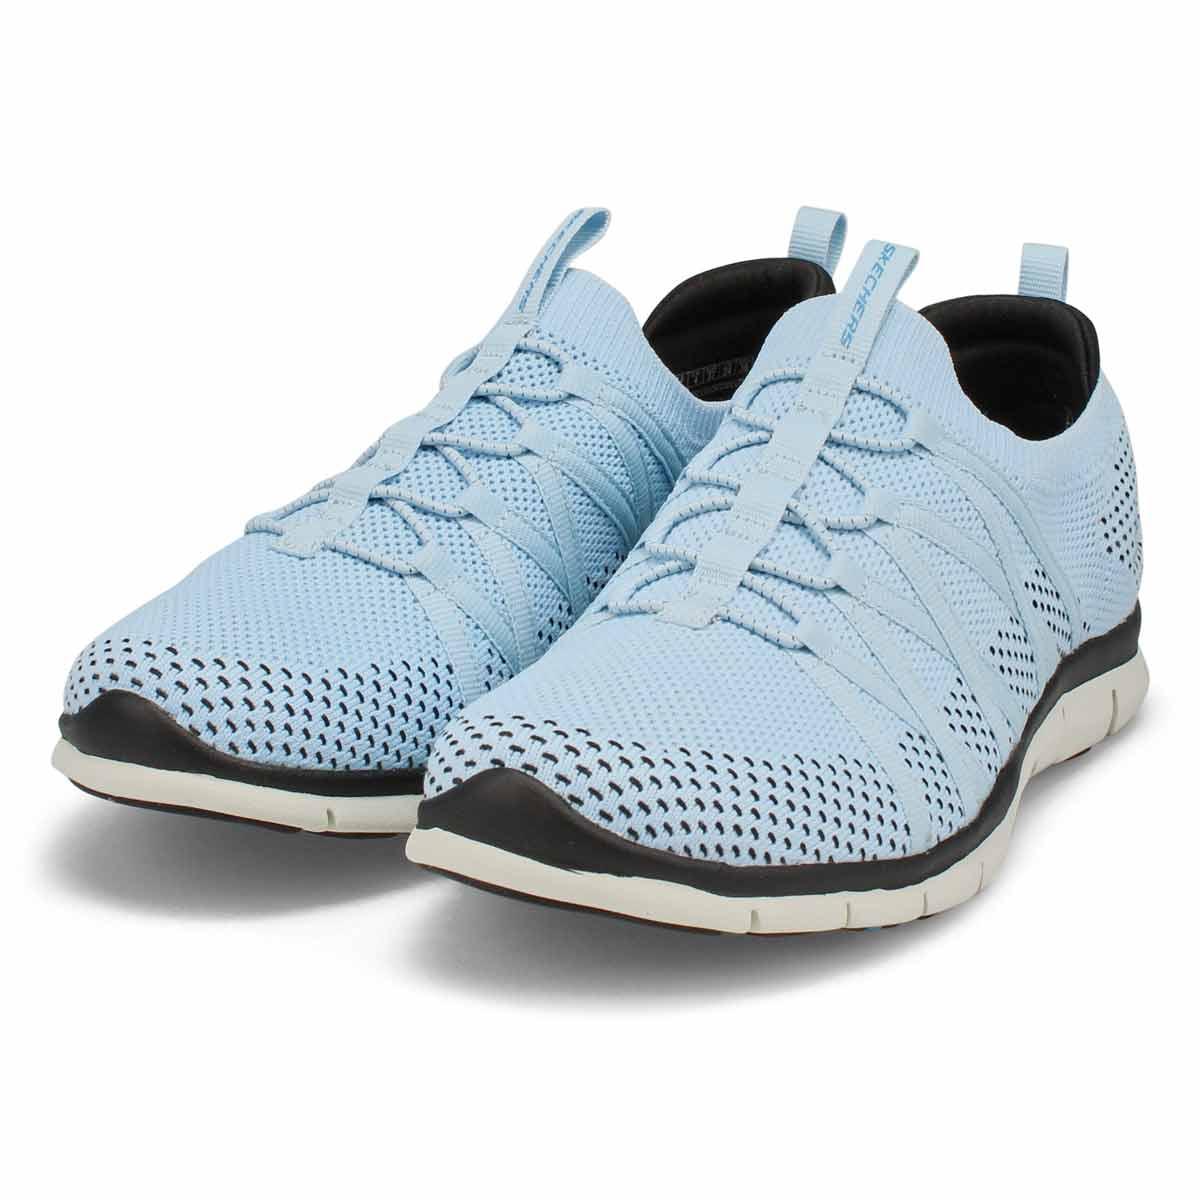 Women's Gratis Chic Newness Shoe - Light Blue